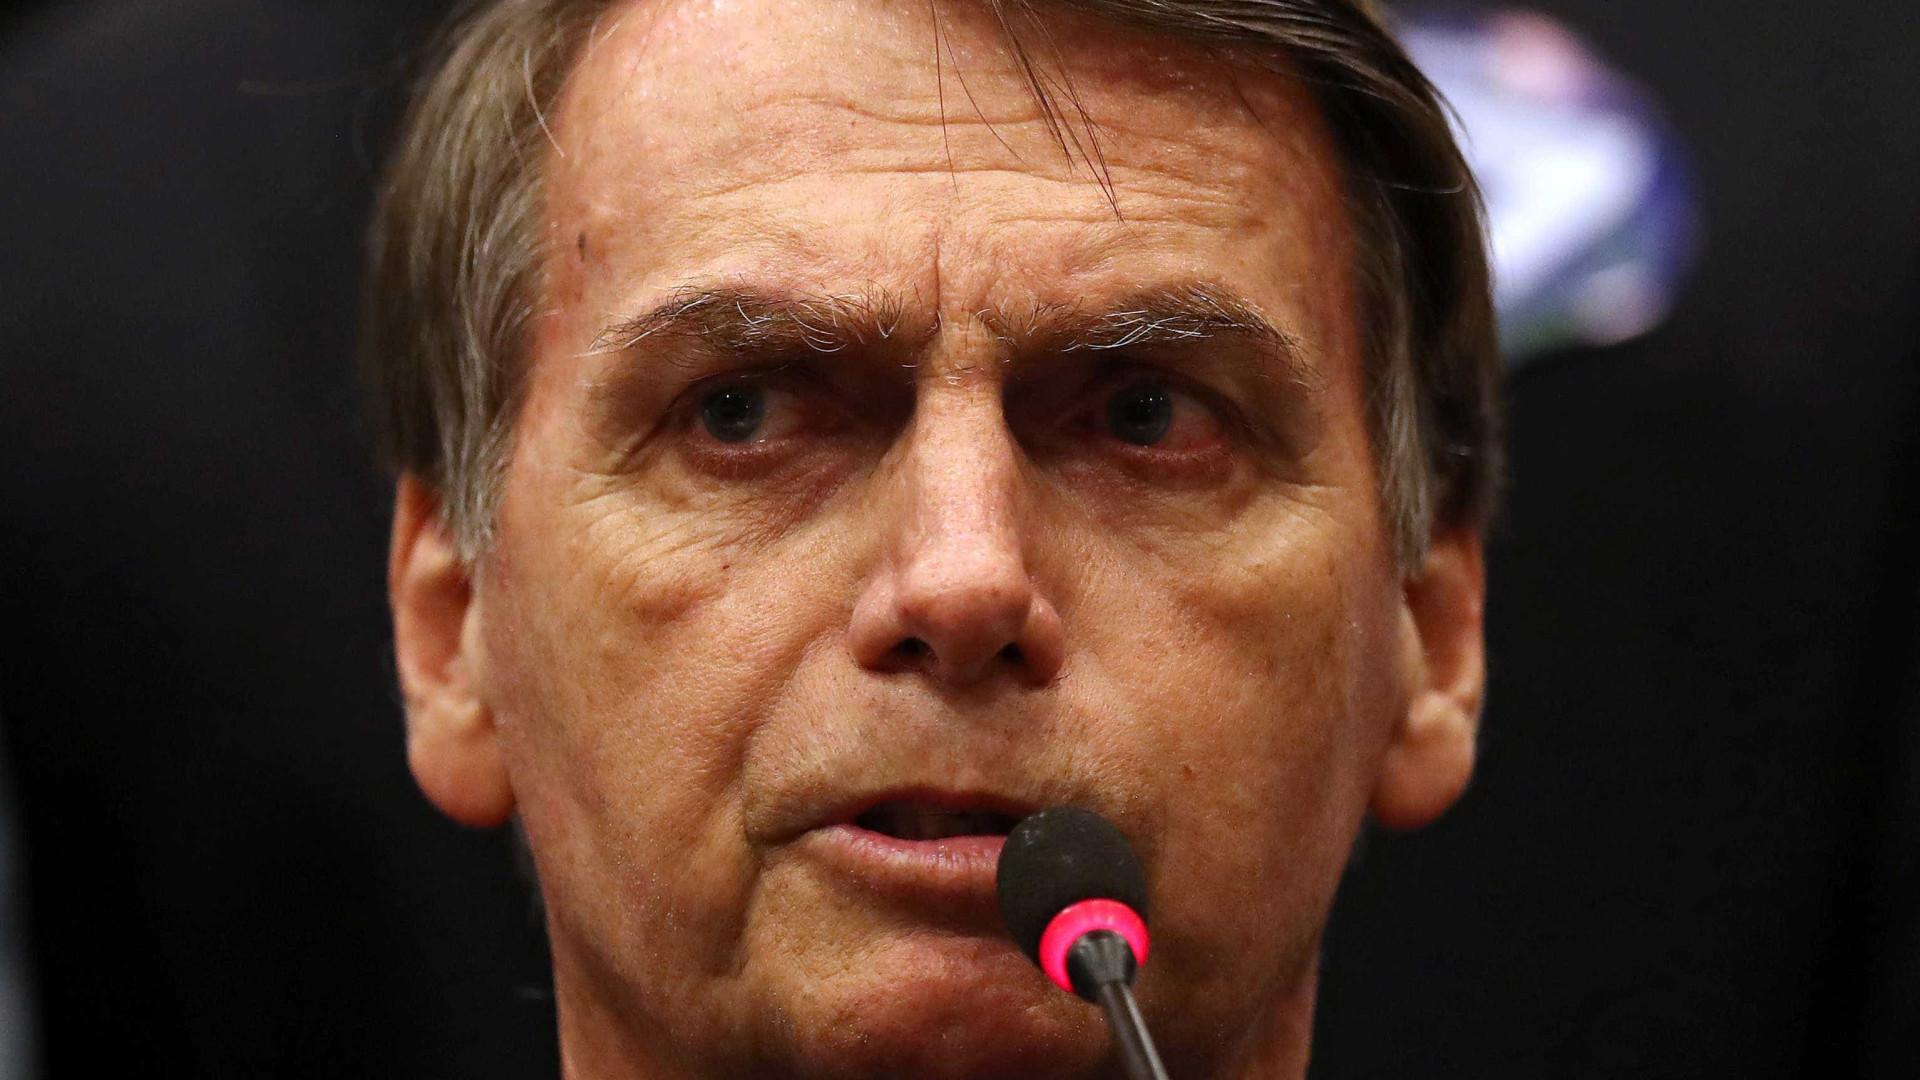 Se for eleito, Bolsonaro deve fazer pronunciamento de casa